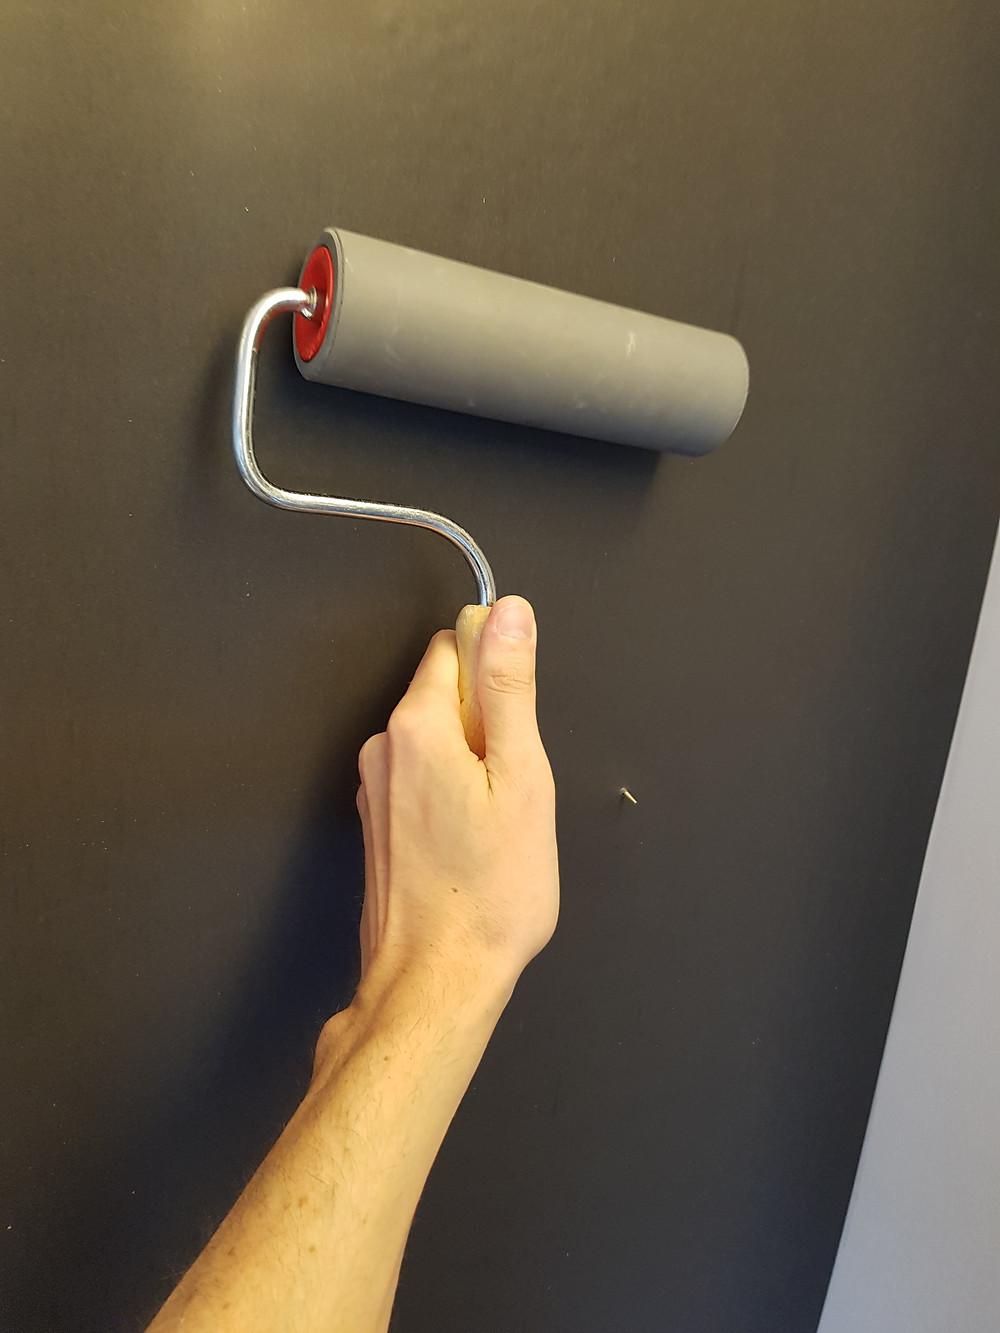 aanduwen van magneetbehang